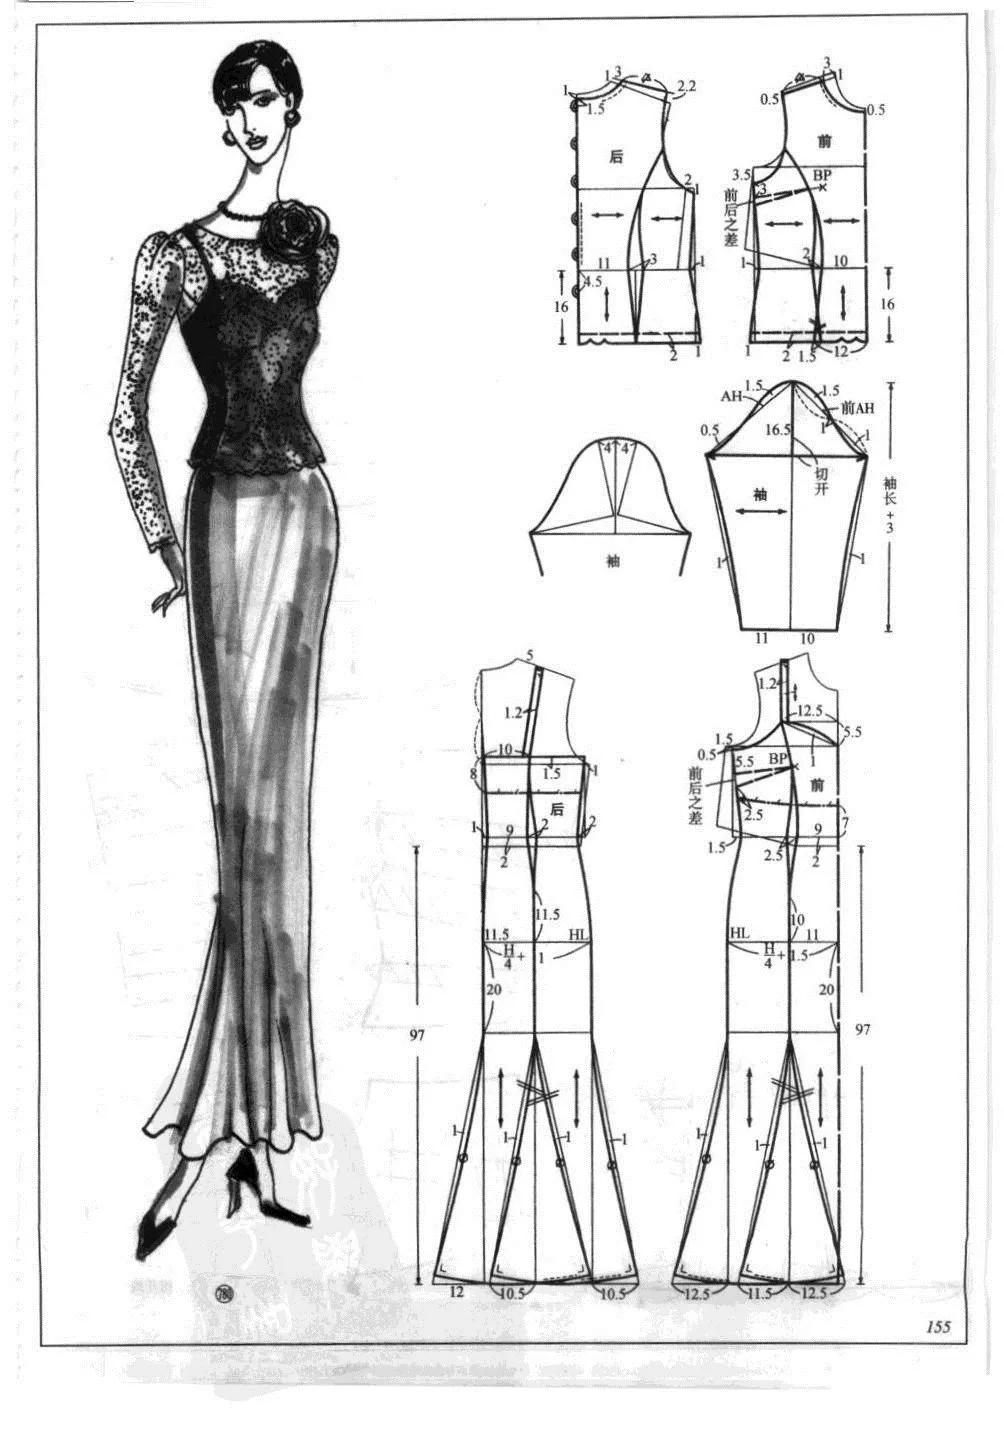 服装排版技巧_纸样分享丨连衣裙+中式服装的图纸资料整理-制版技术-服装设计 ...